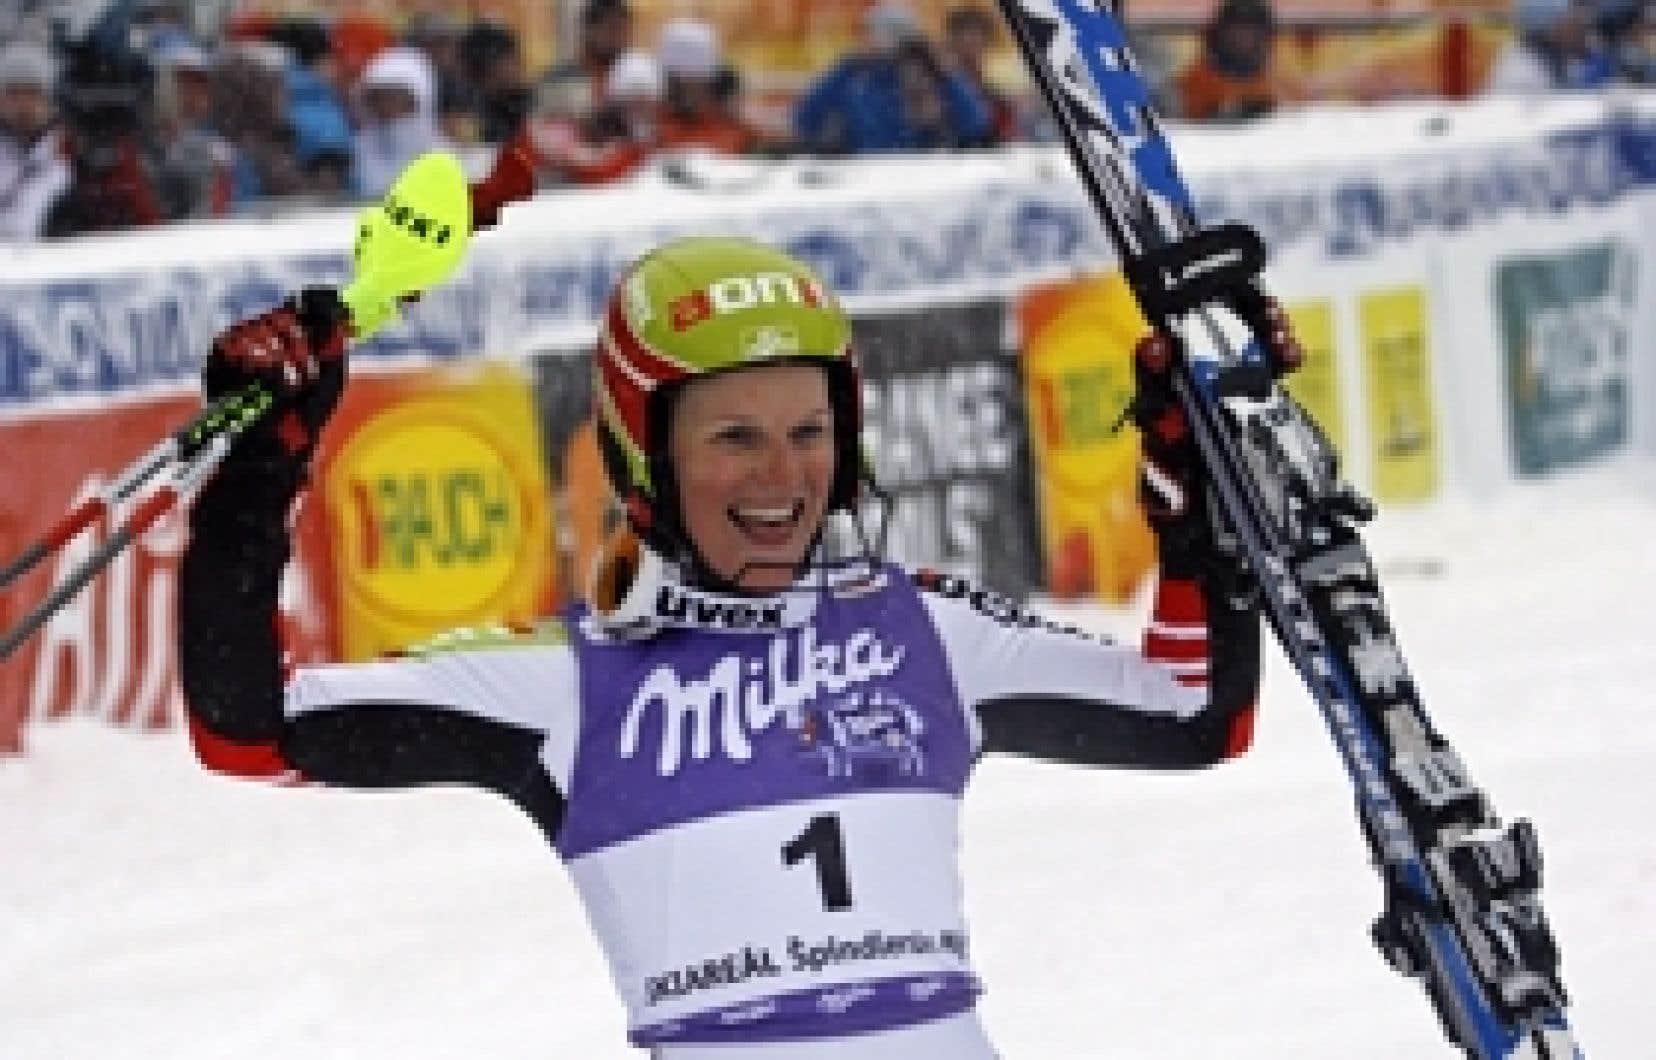 Marlies Schild, qui était deuxième après la première manche, a signé le meilleur chrono sur le deuxième tracé.